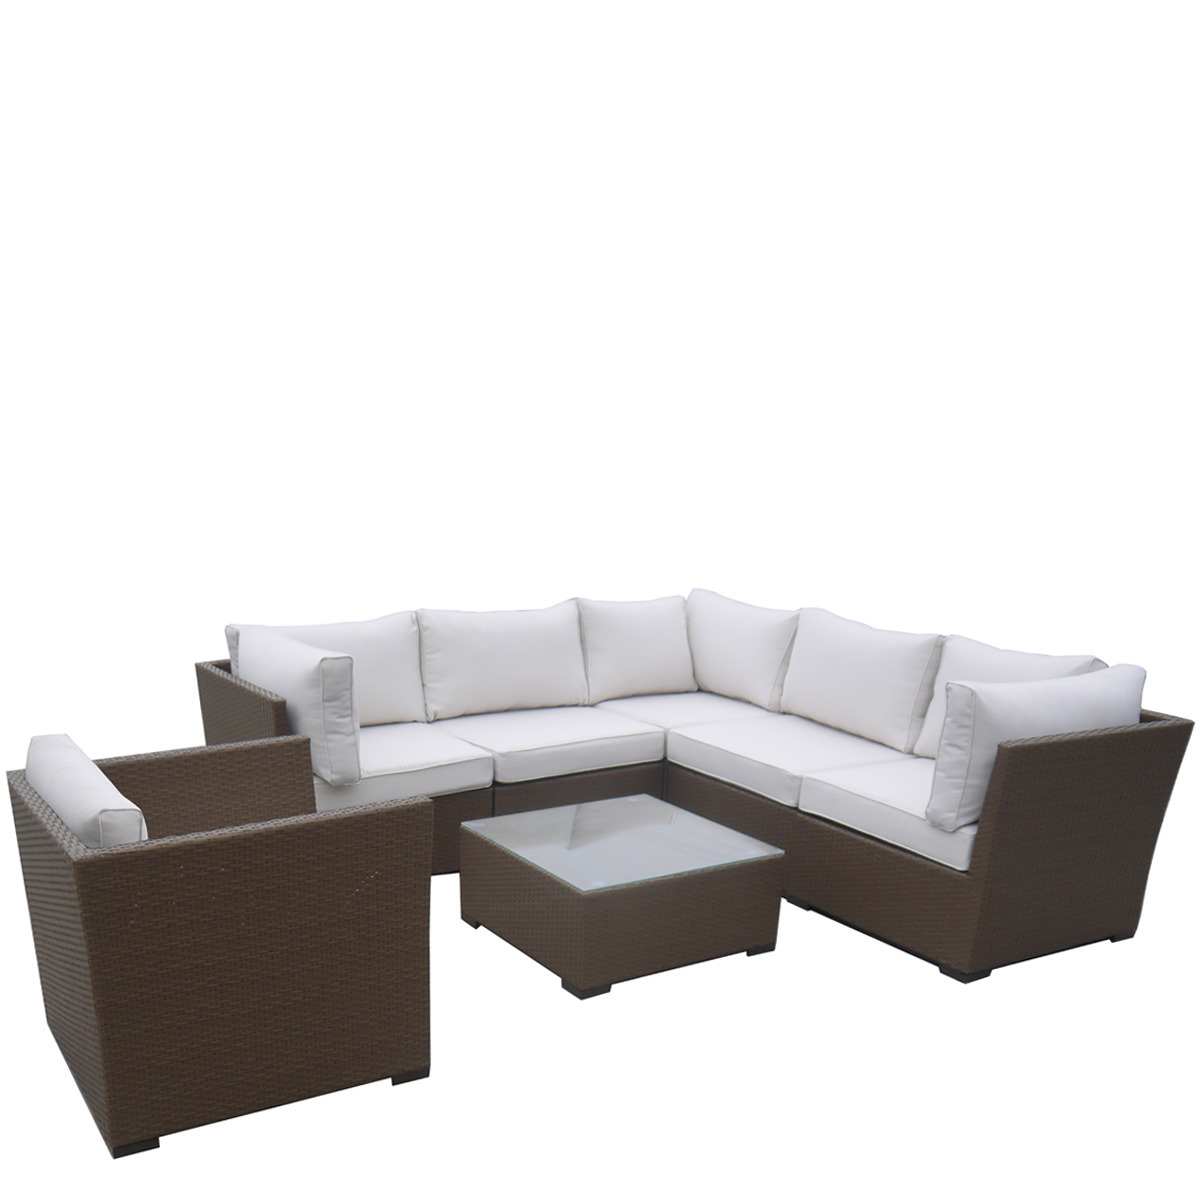 Revista muebles mobiliario de dise o - Mobiliario juvenil el corte ingles ...